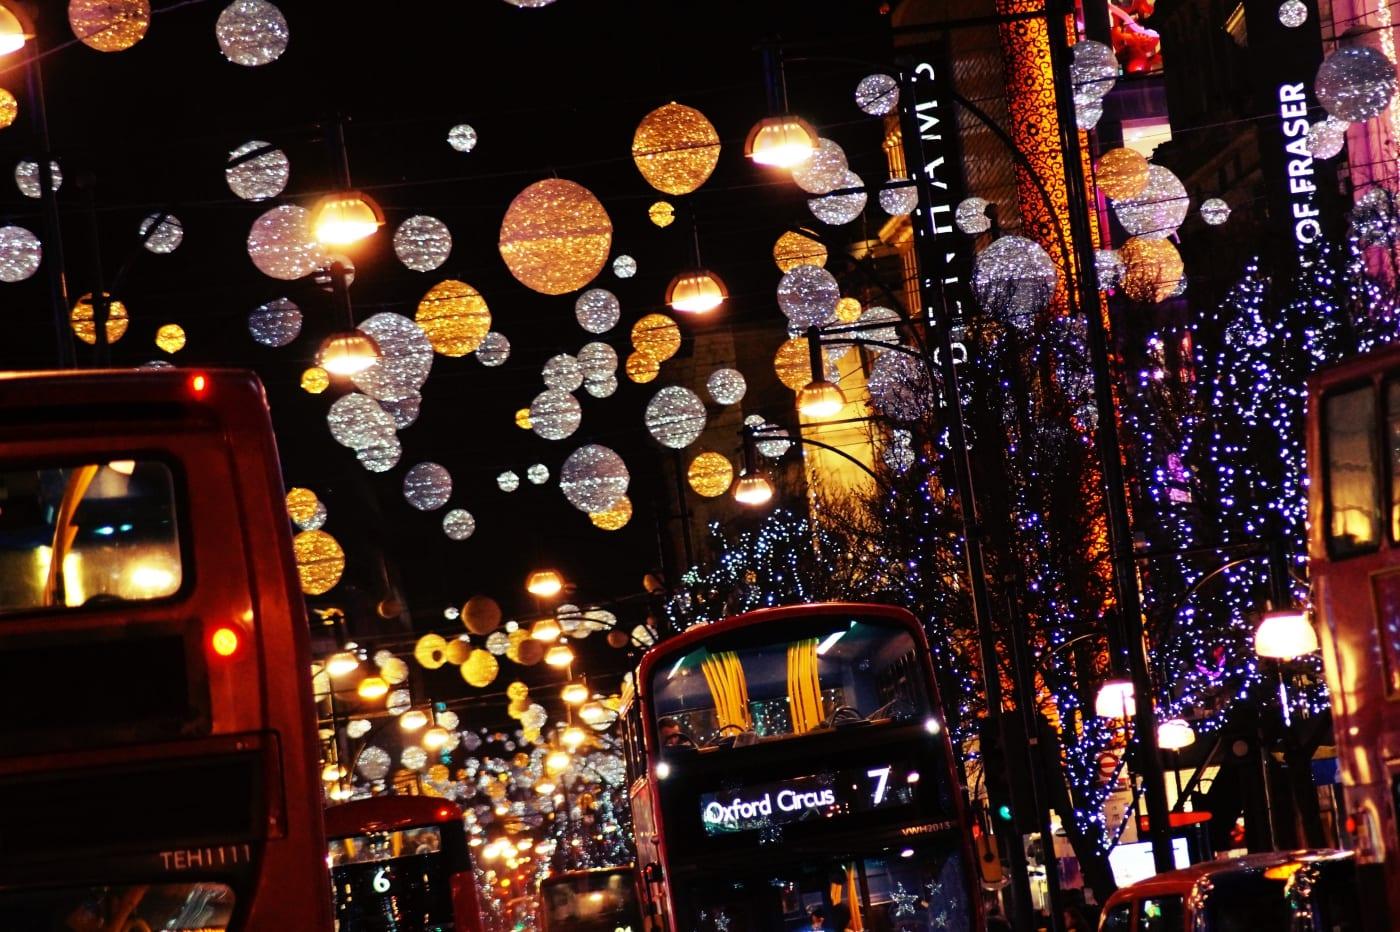 Wann Macht Man Die Weihnachtsbeleuchtung An.Weihnachtsmärkte Und Weihnachtsbeleuchtung Londons Londonblogger